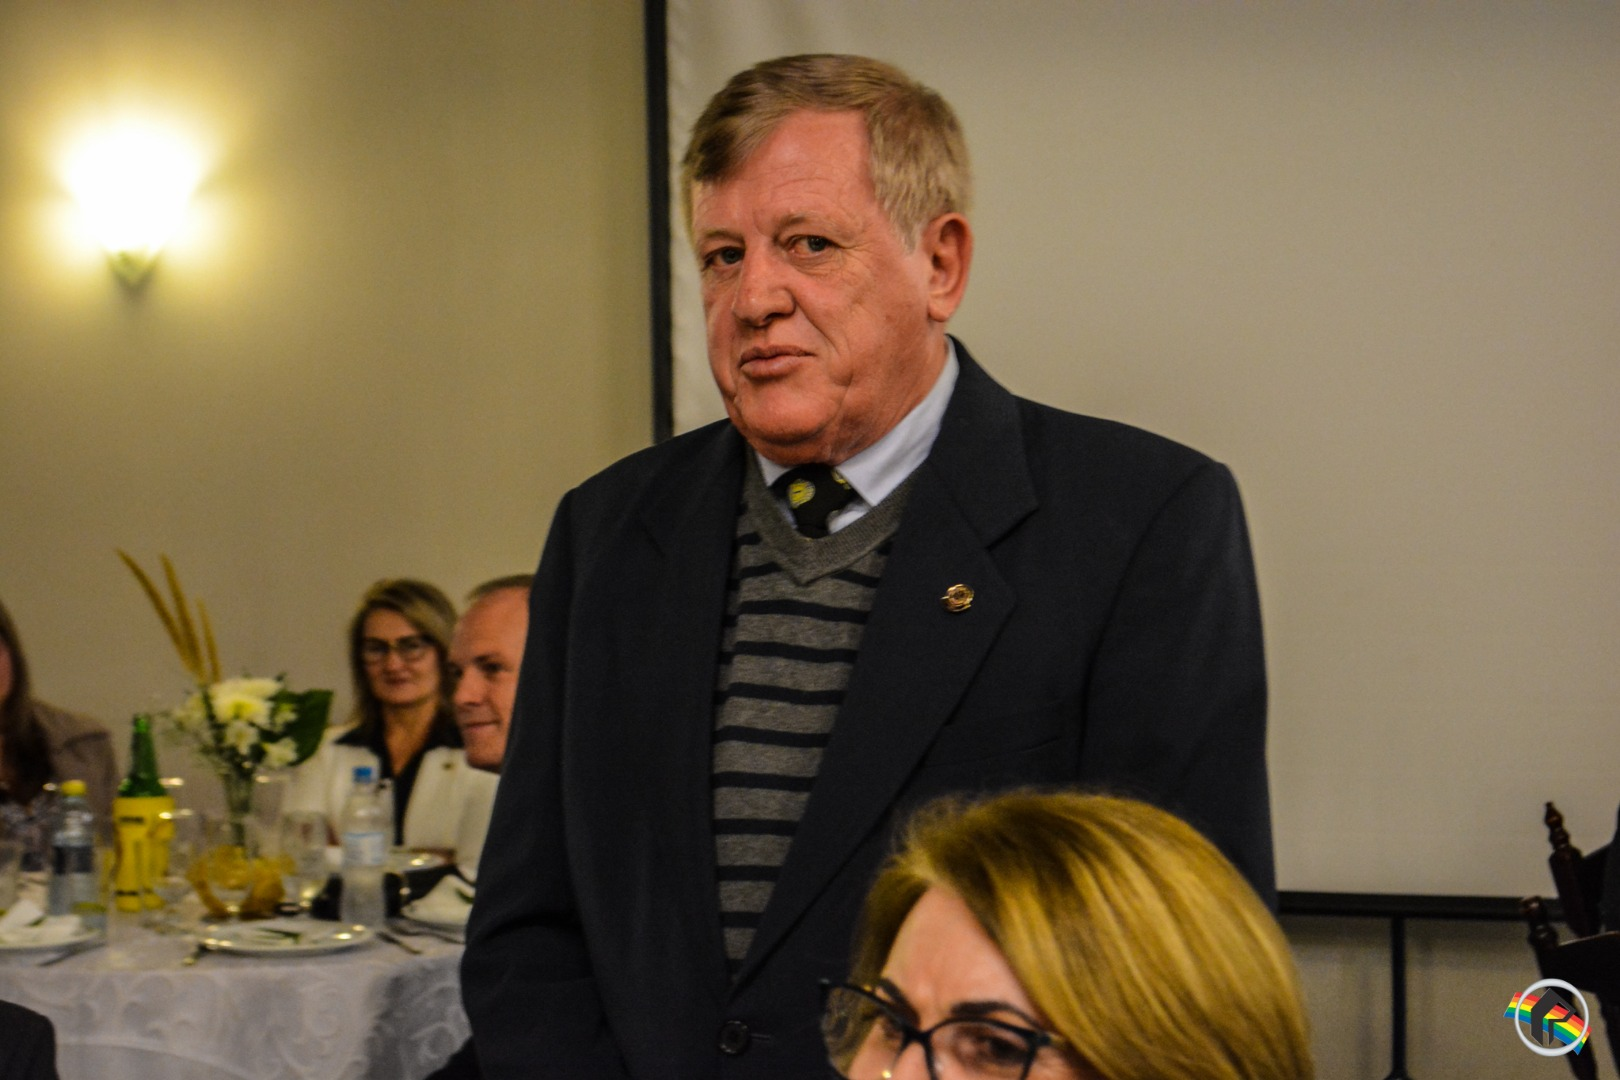 Lions Clube São Miguel do Oeste empossa nova diretoria